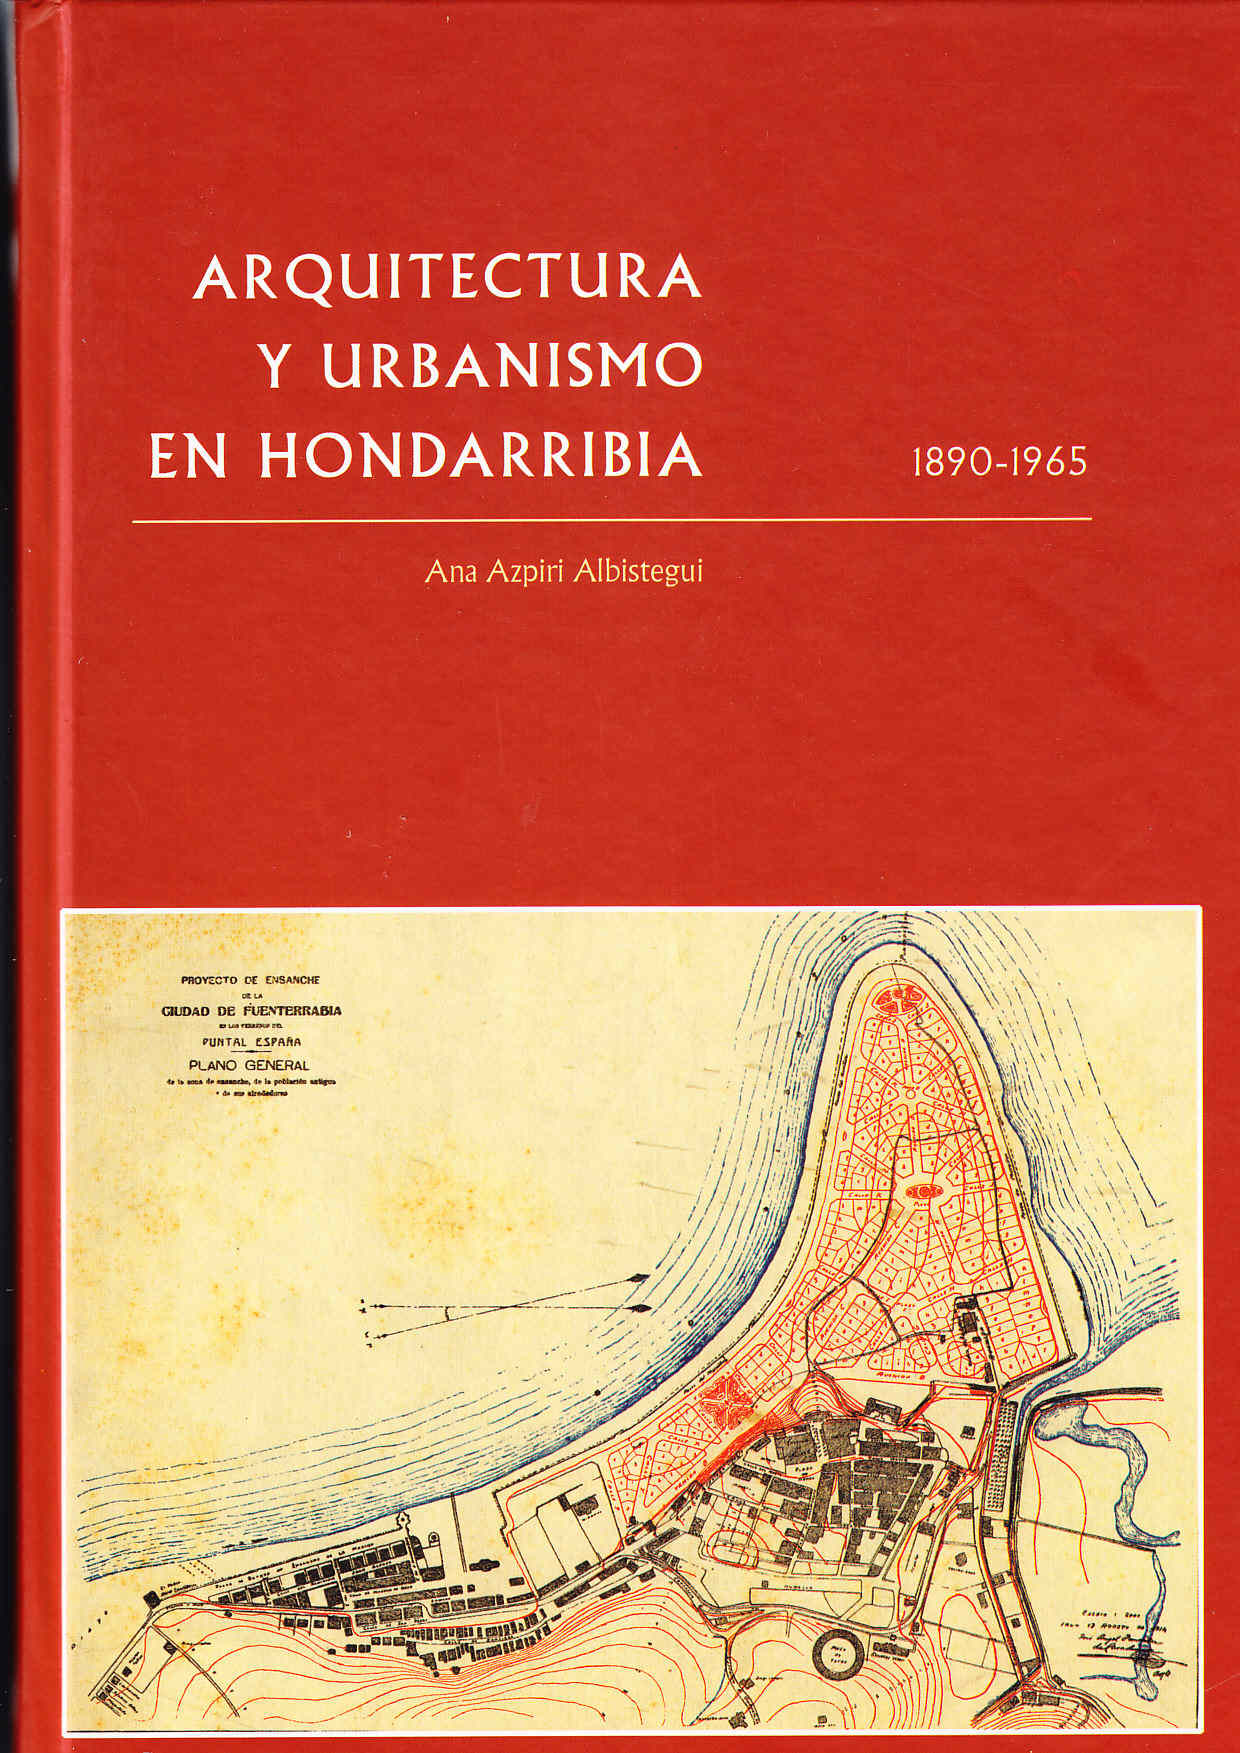 Hondarribia Fuenterrabía hoy Conclusiones